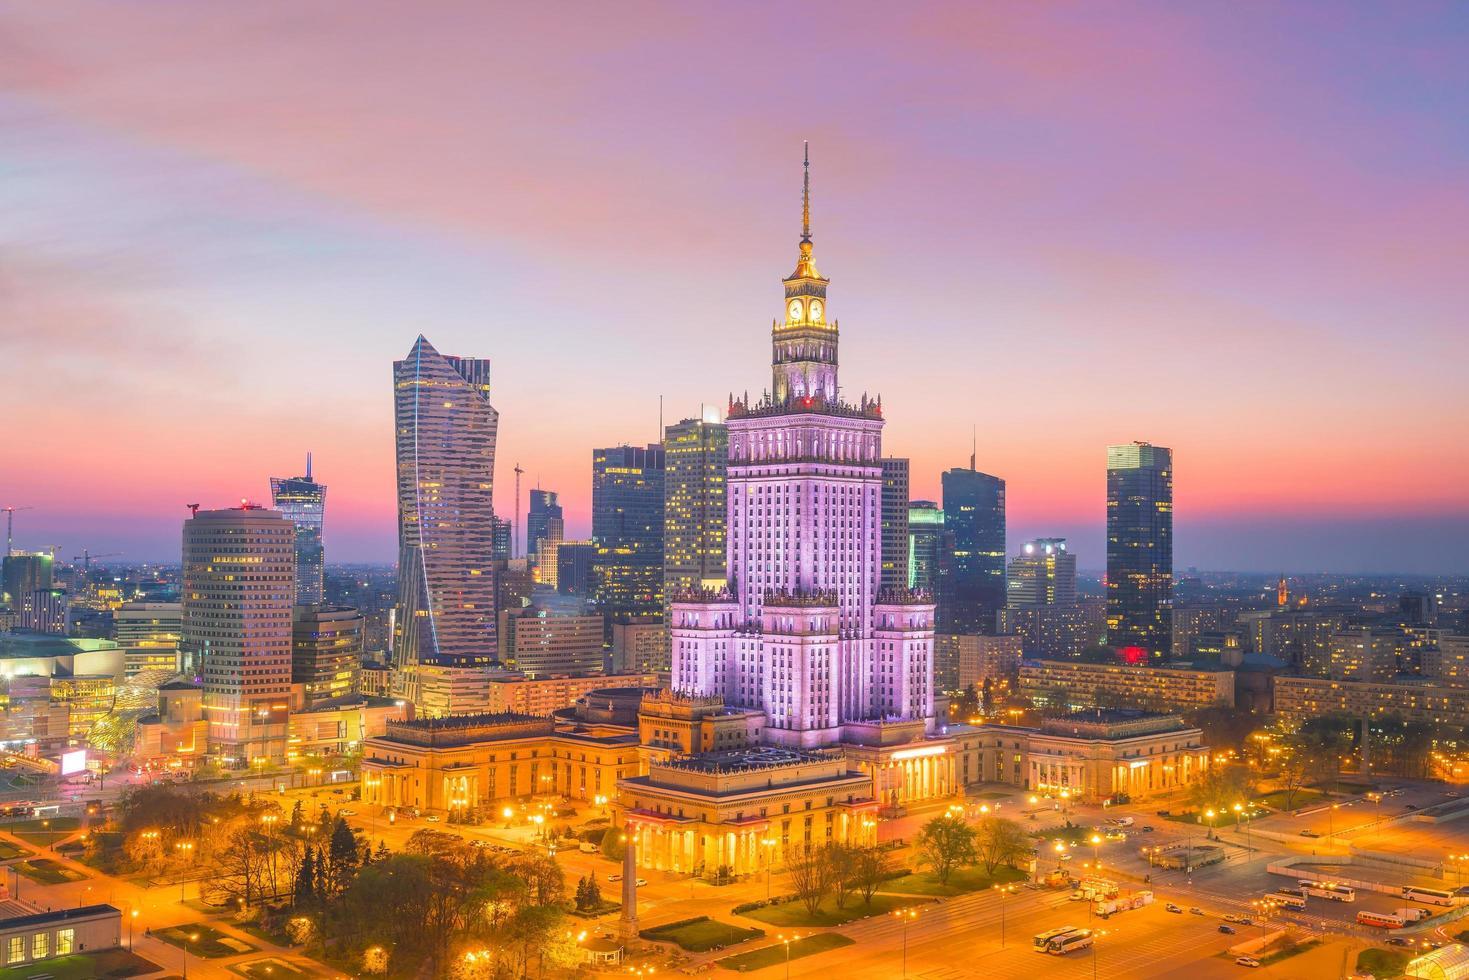 Warsaw city skyline photo